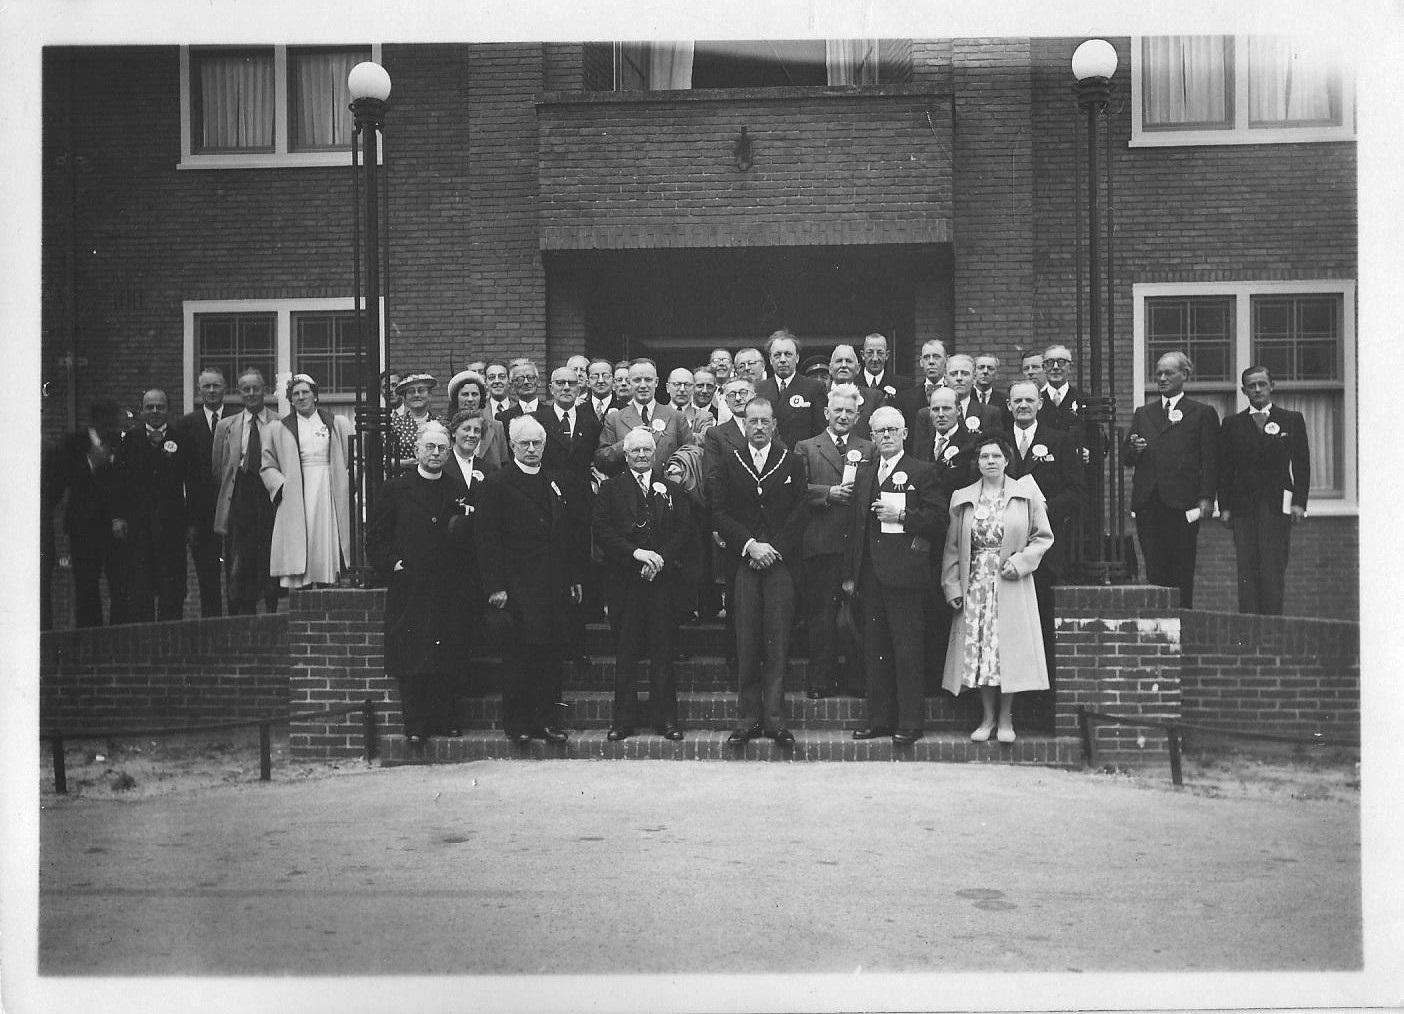 1950. Het eerste lustrum werd daarna ook officieel gevierd in tegenwoordigheid van burgemeester Kalf en de geestelijkheid.